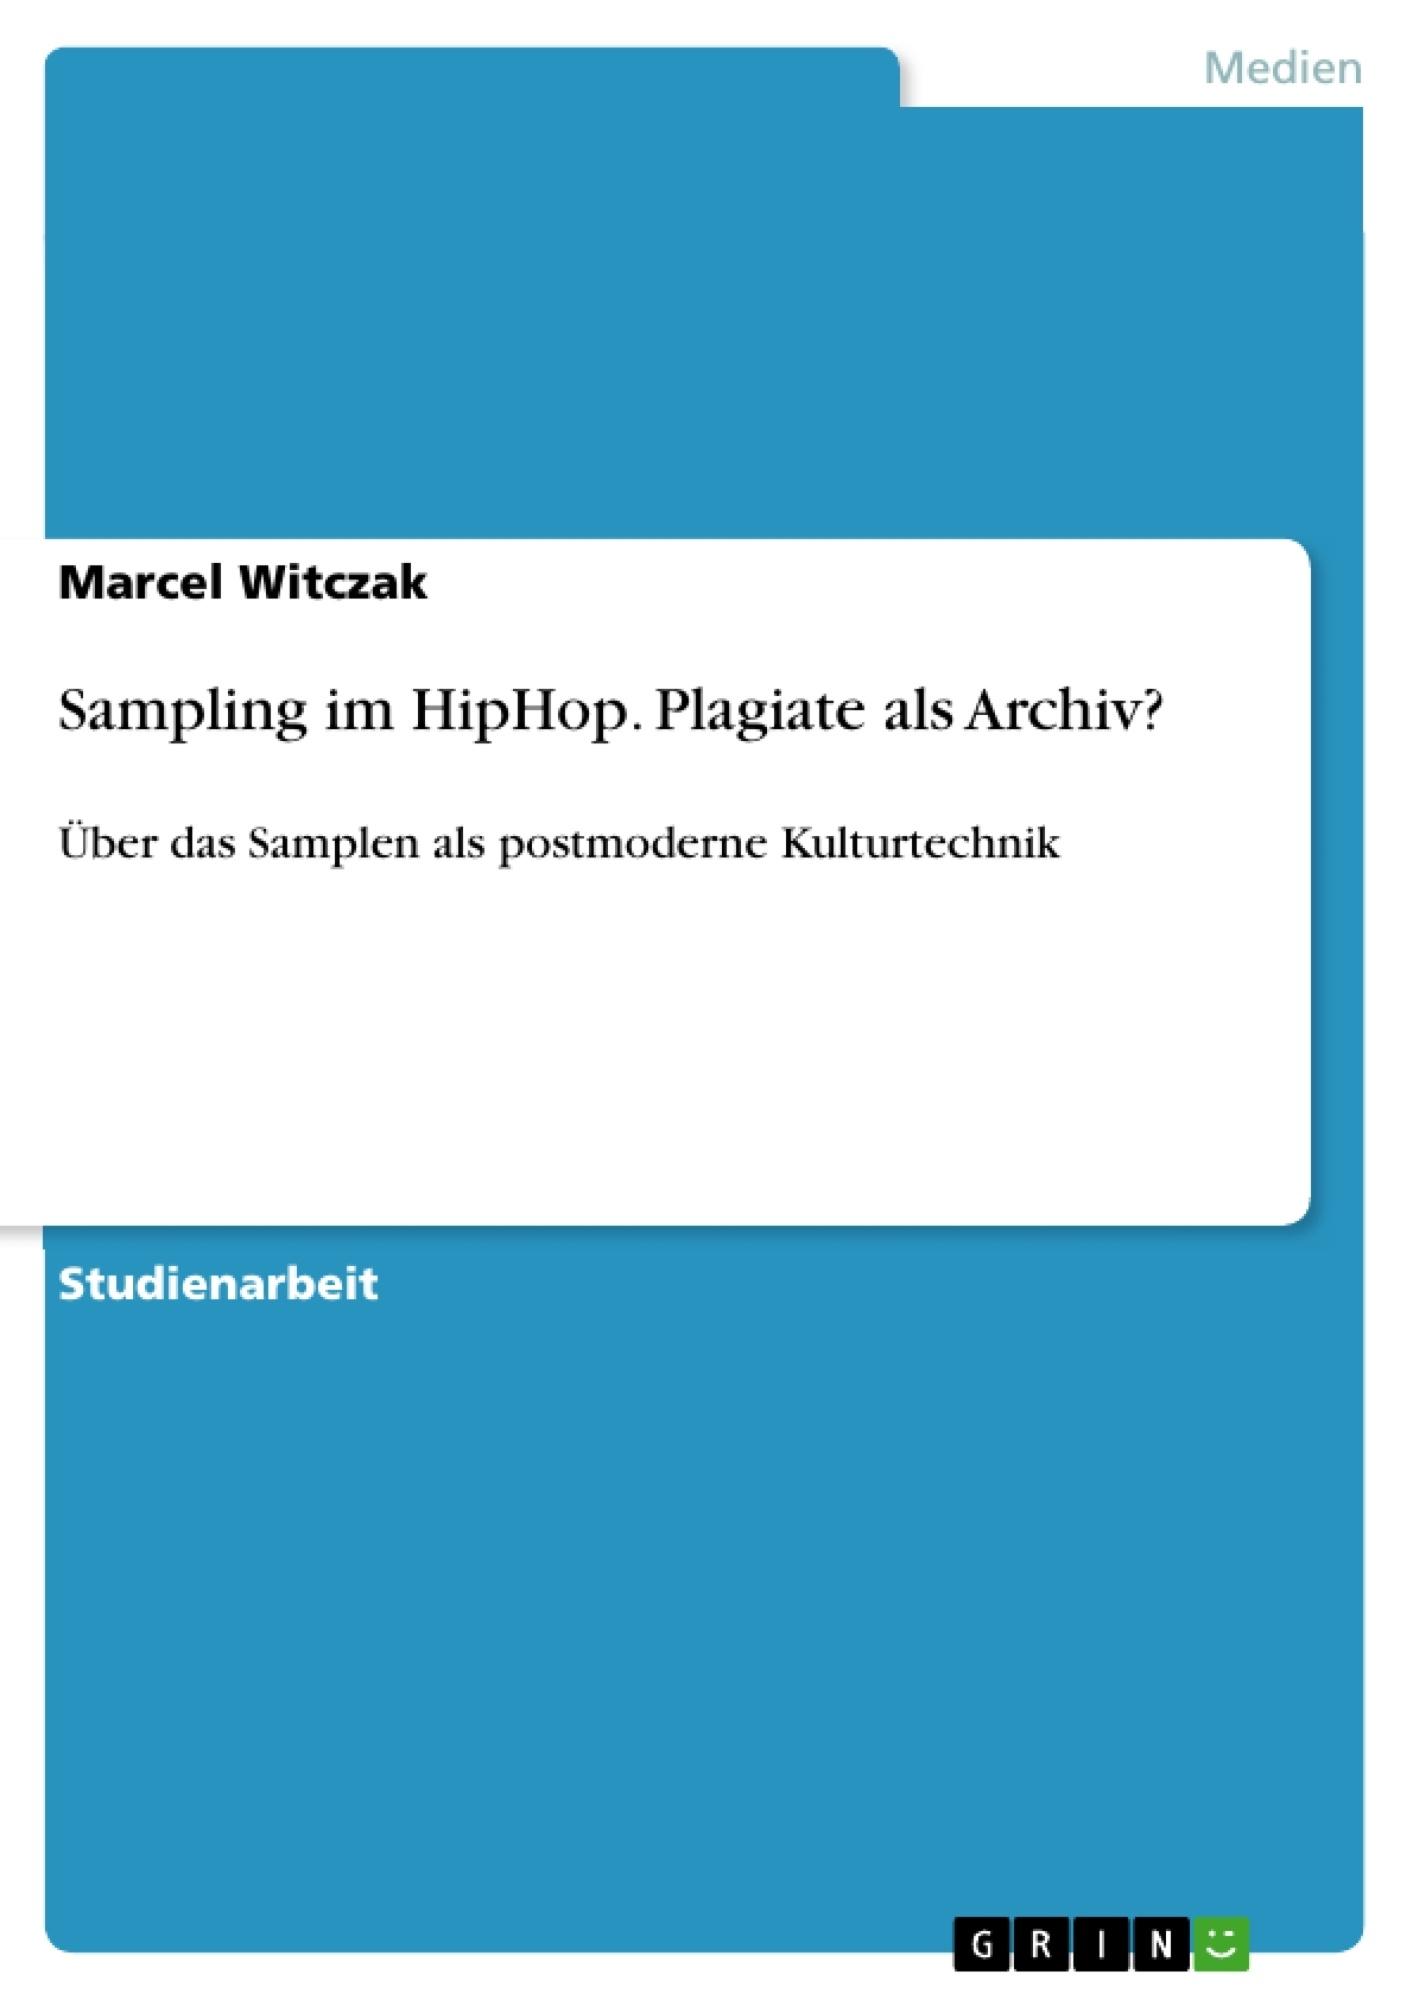 Titel: Sampling im HipHop. Plagiate als Archiv?